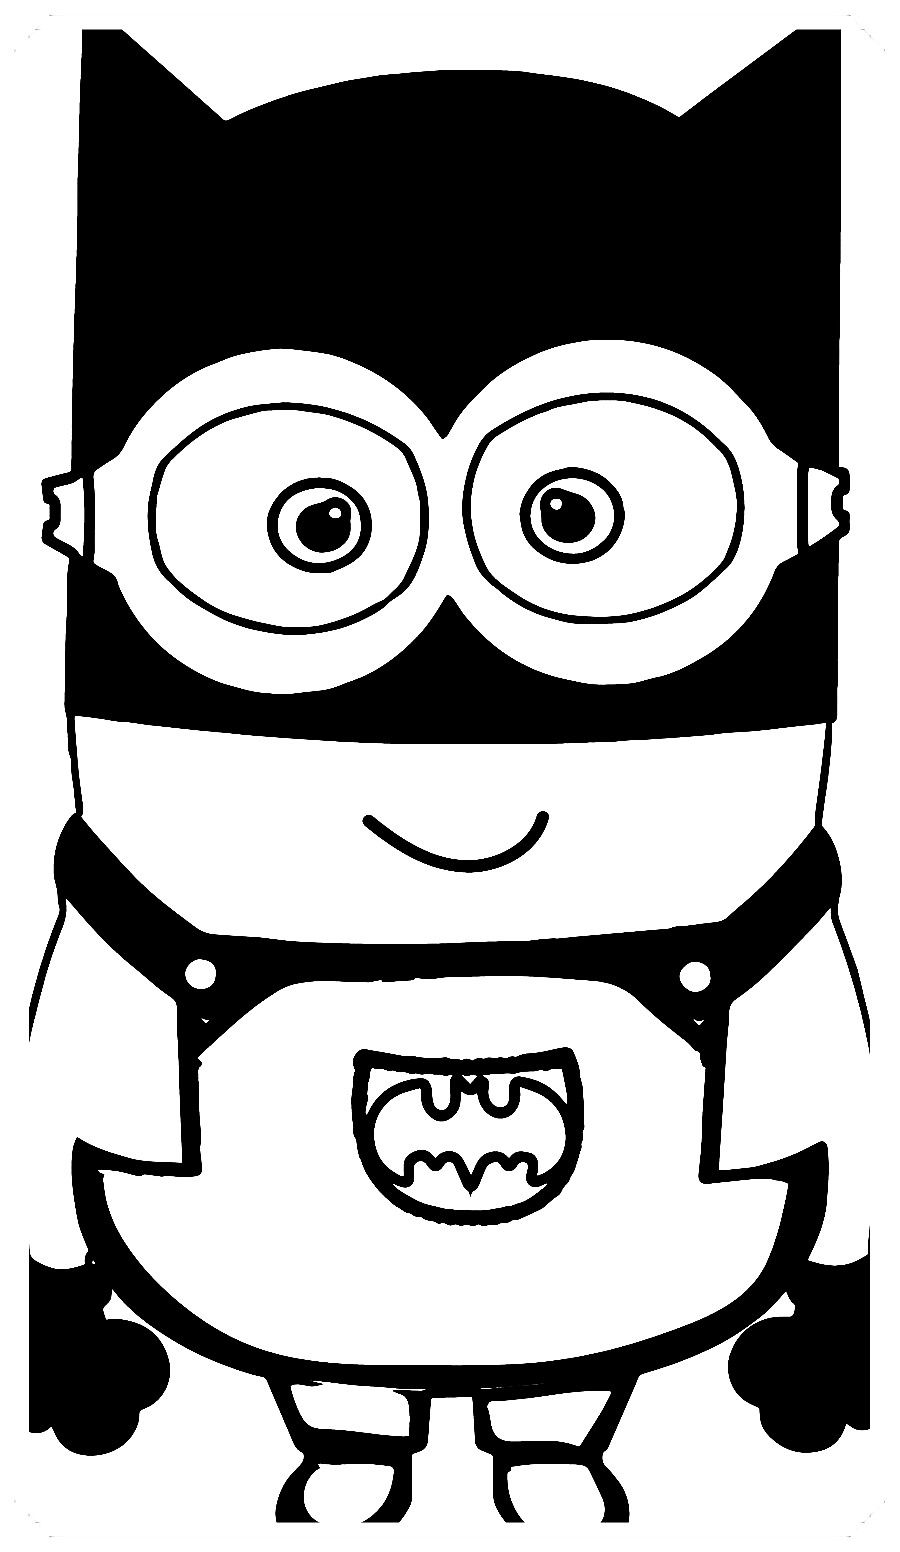 Los Más Lindos Dibujos De Minions Para Colorear Y Pintar A Todo Color Imágenes Prontas Para Descargar Minions Dibujos Páginas Para Colorear Para Niños Minions